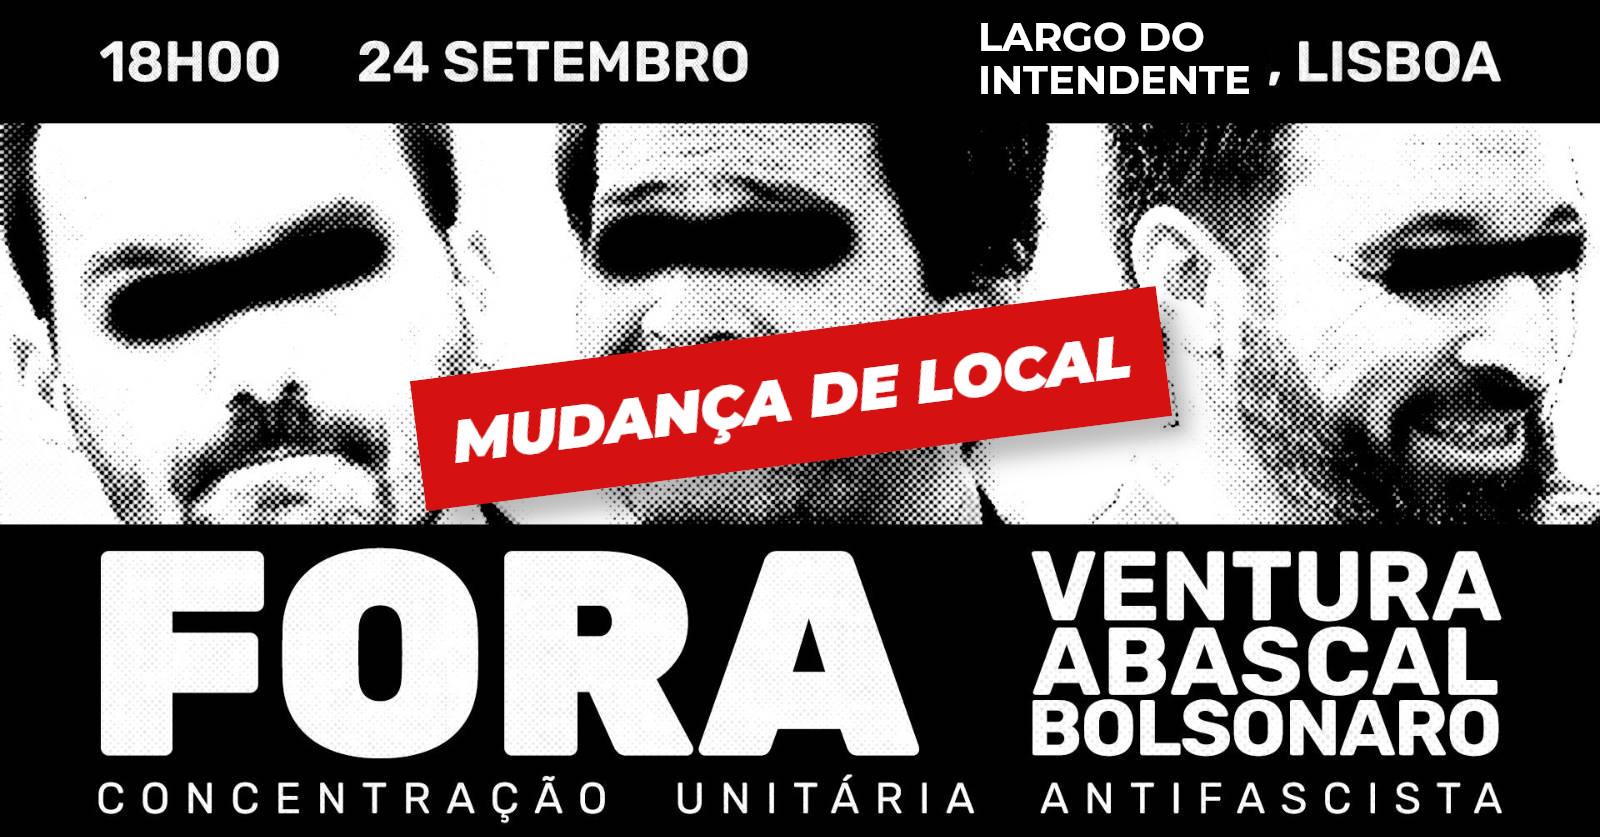 image from Concentração Fora Ventura, Abascal e Bolsonaro